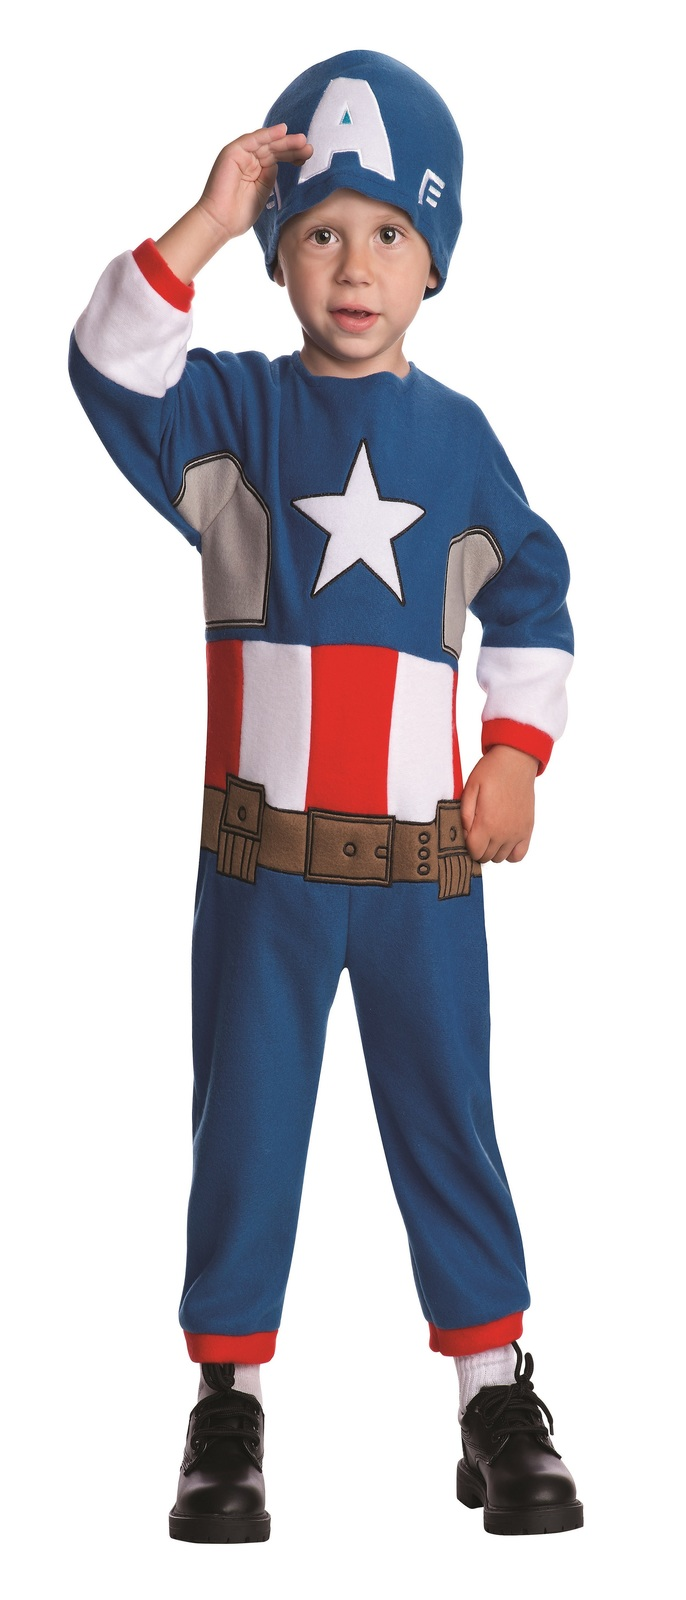 Baby Marvel Classics Avengers Assemble Fleece Toddler Captain America Costume - $18.24